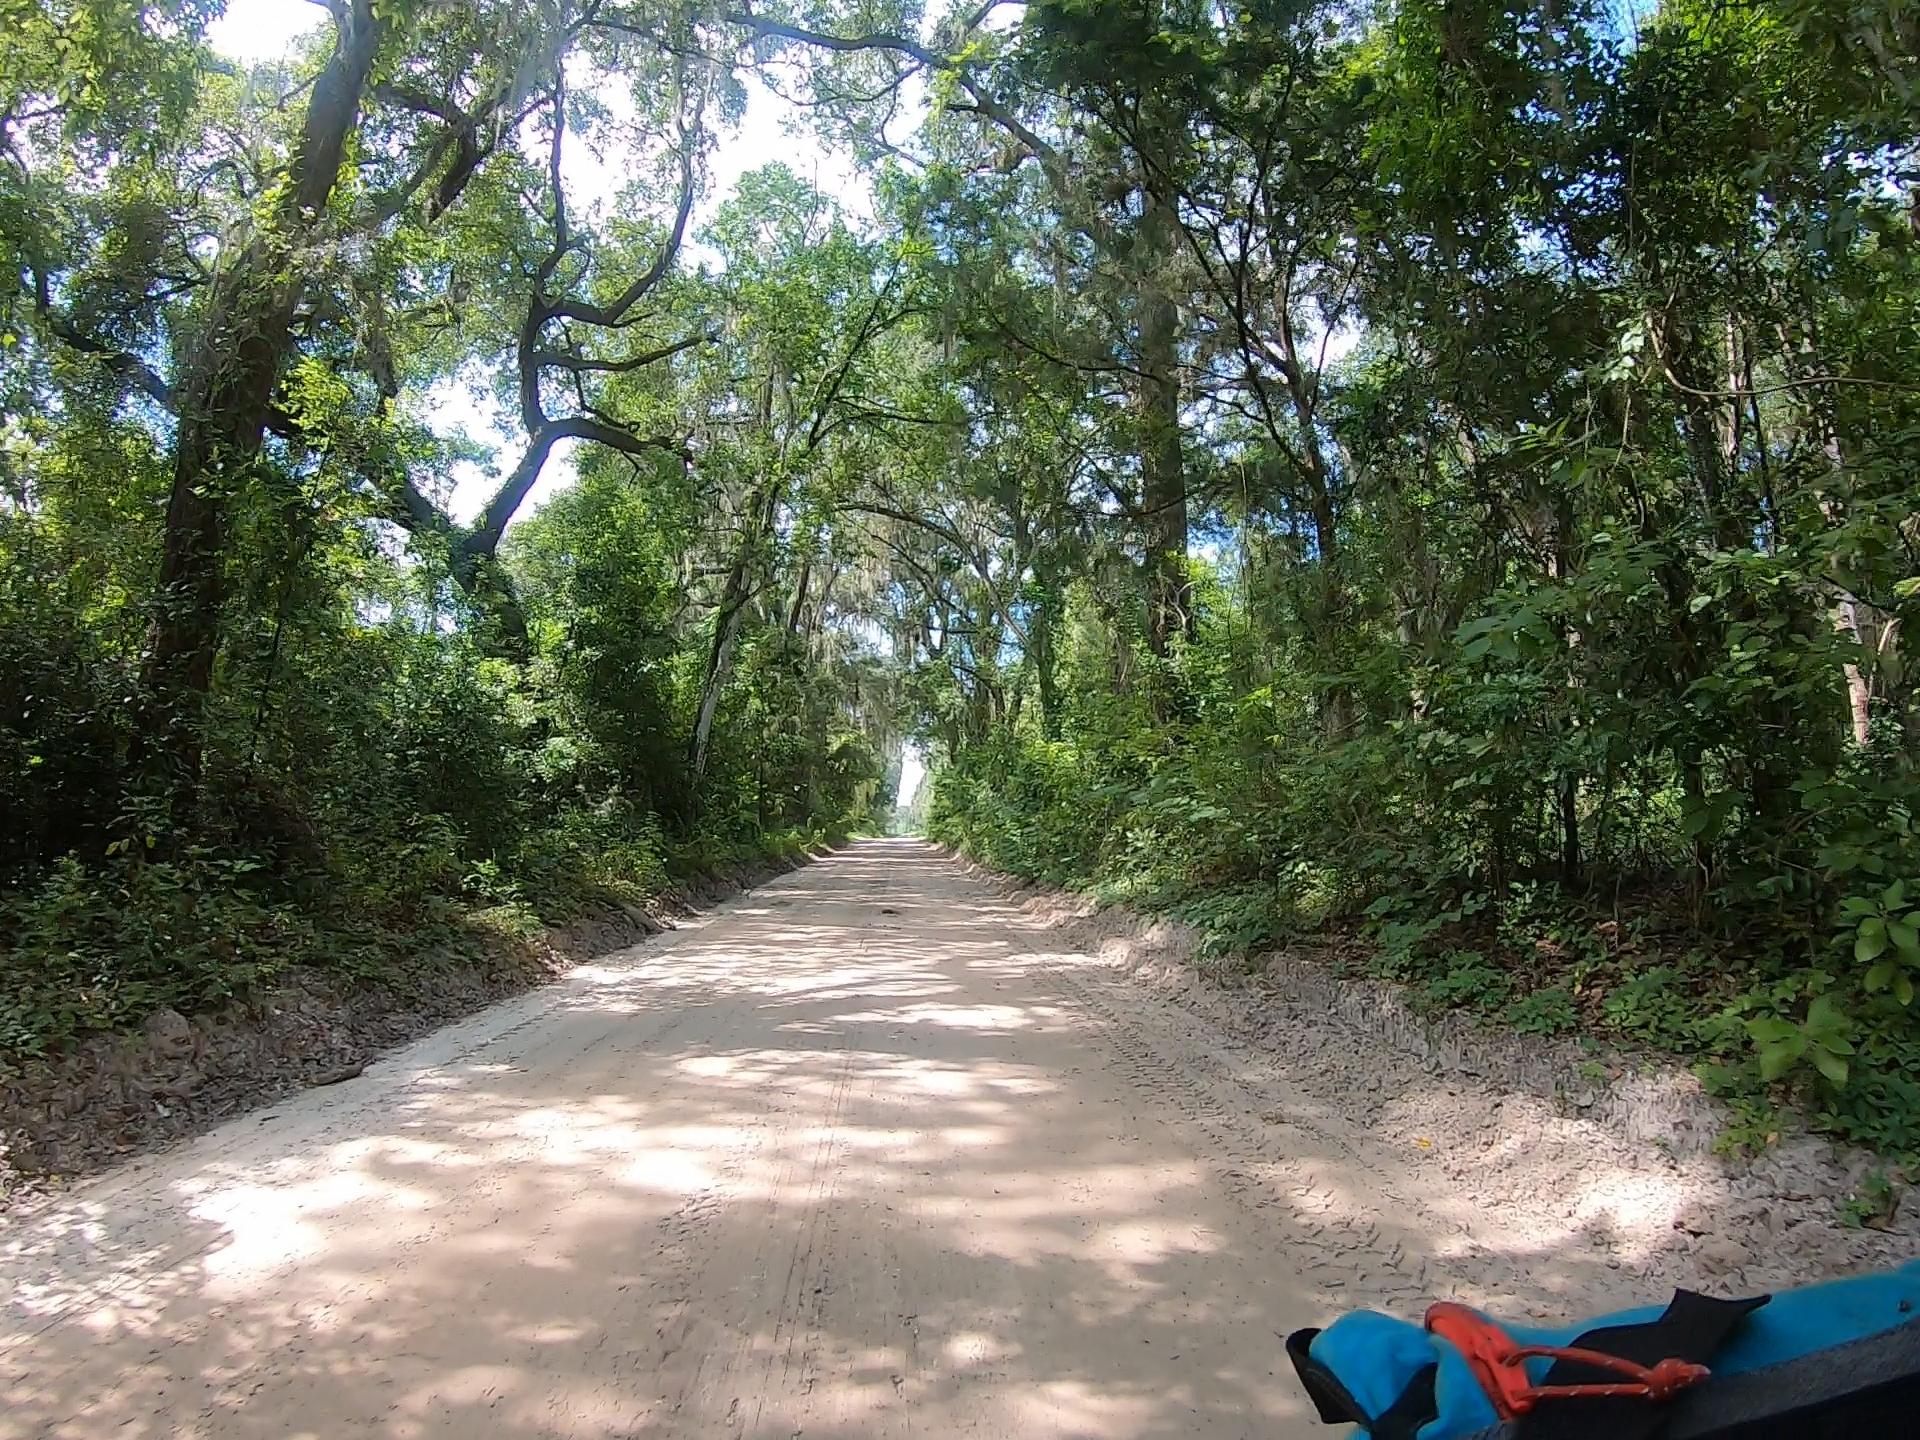 roads of ivy